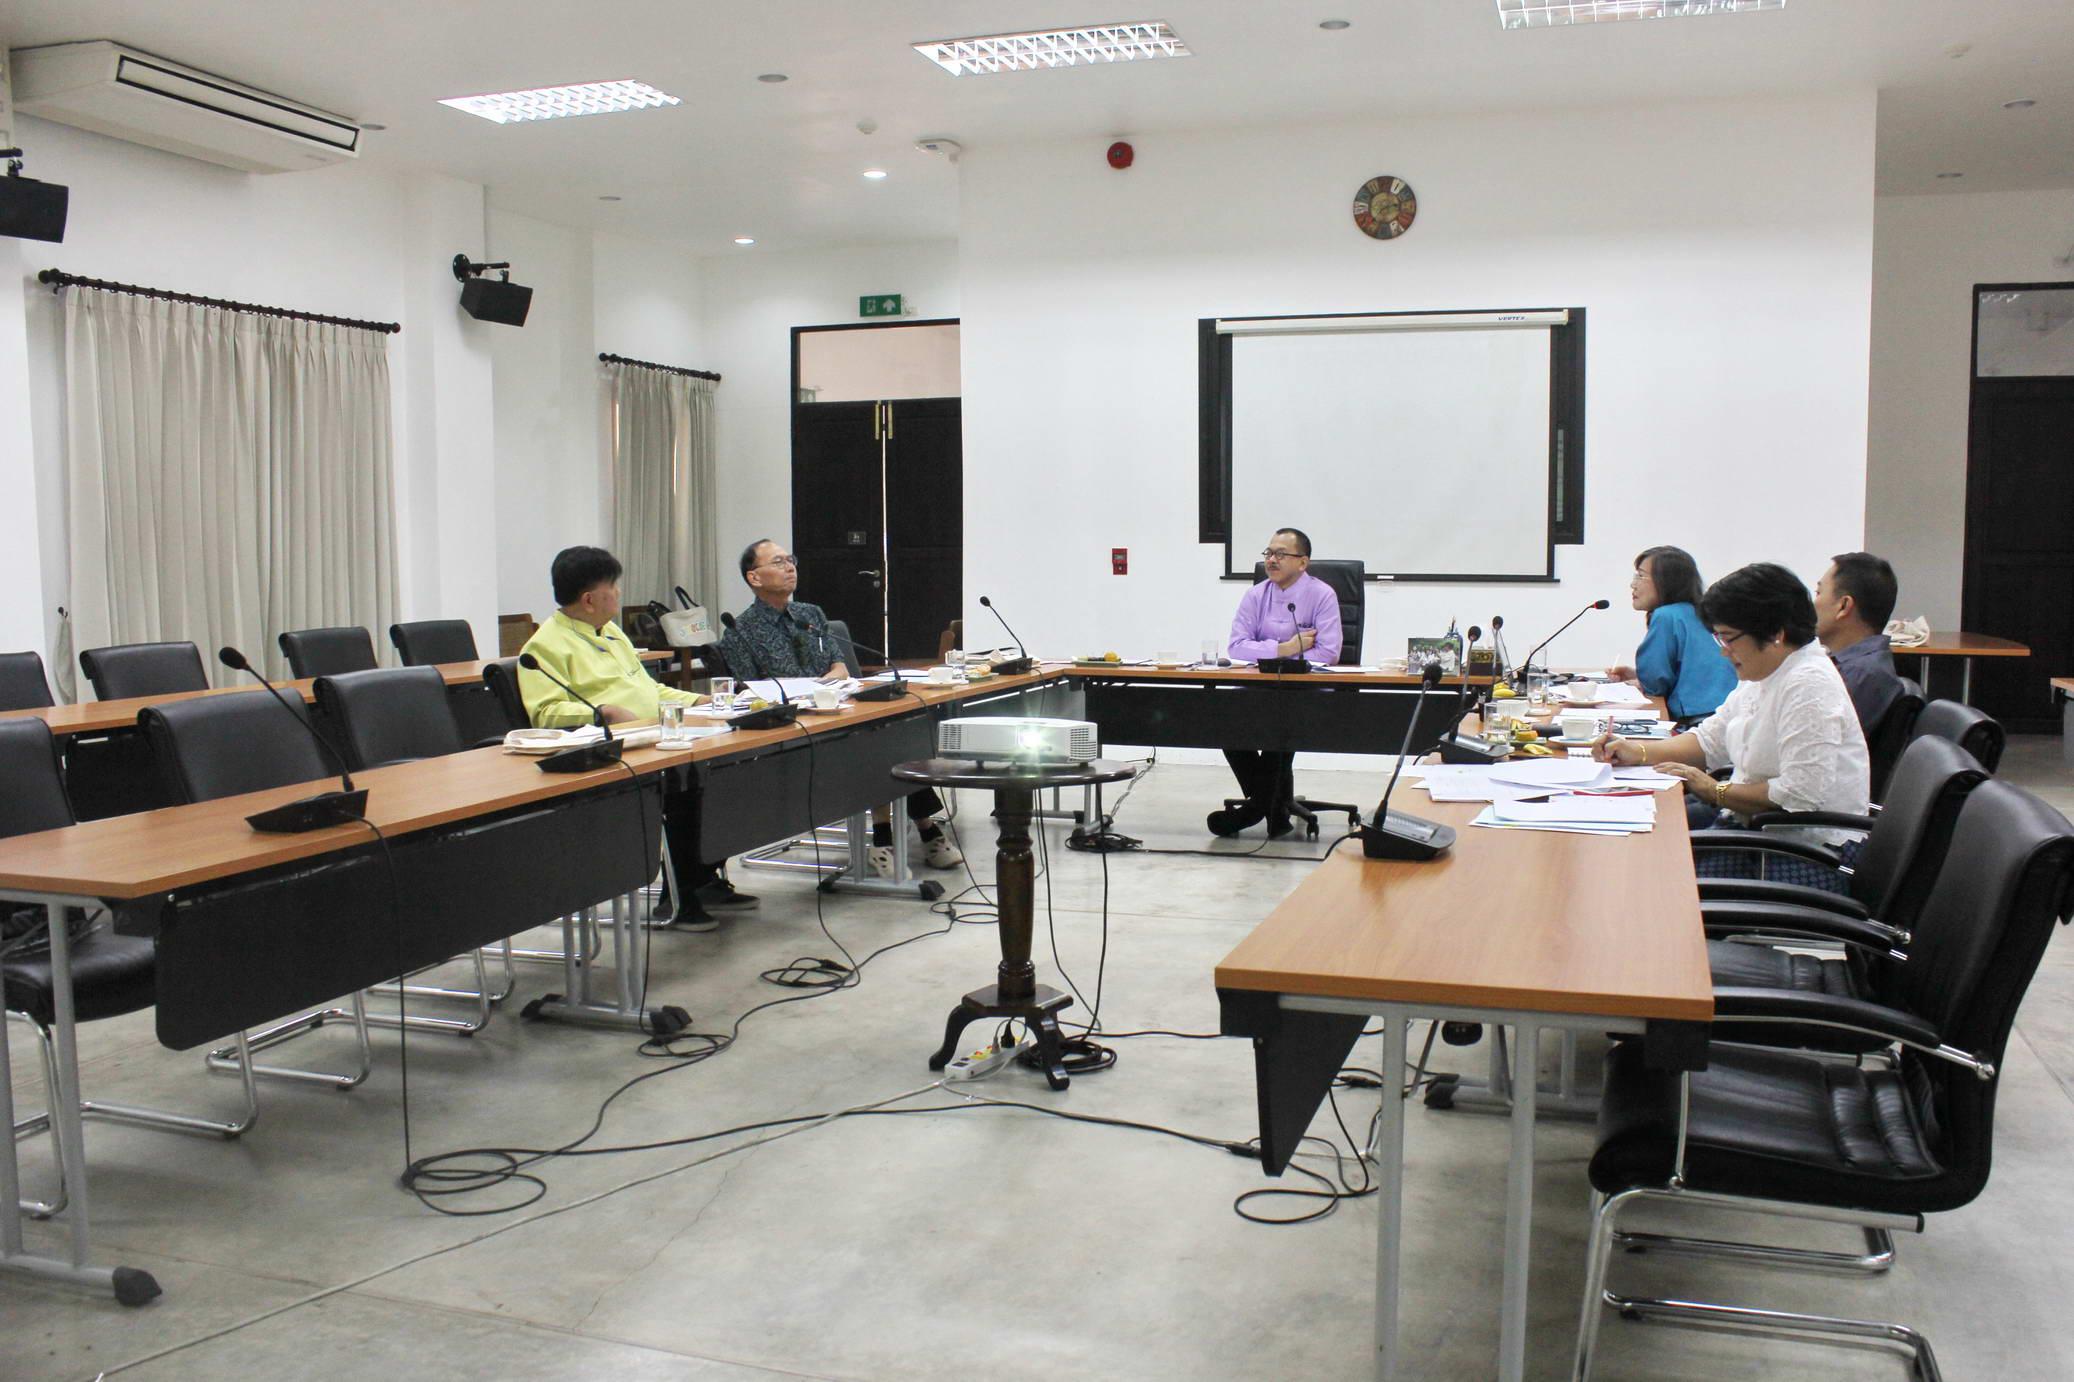 การประชุมคณะกรรมการอำนวยการประจำสำนักส่งเสริมศิลปวัฒนธรรม ครั้งที่ 1/2562